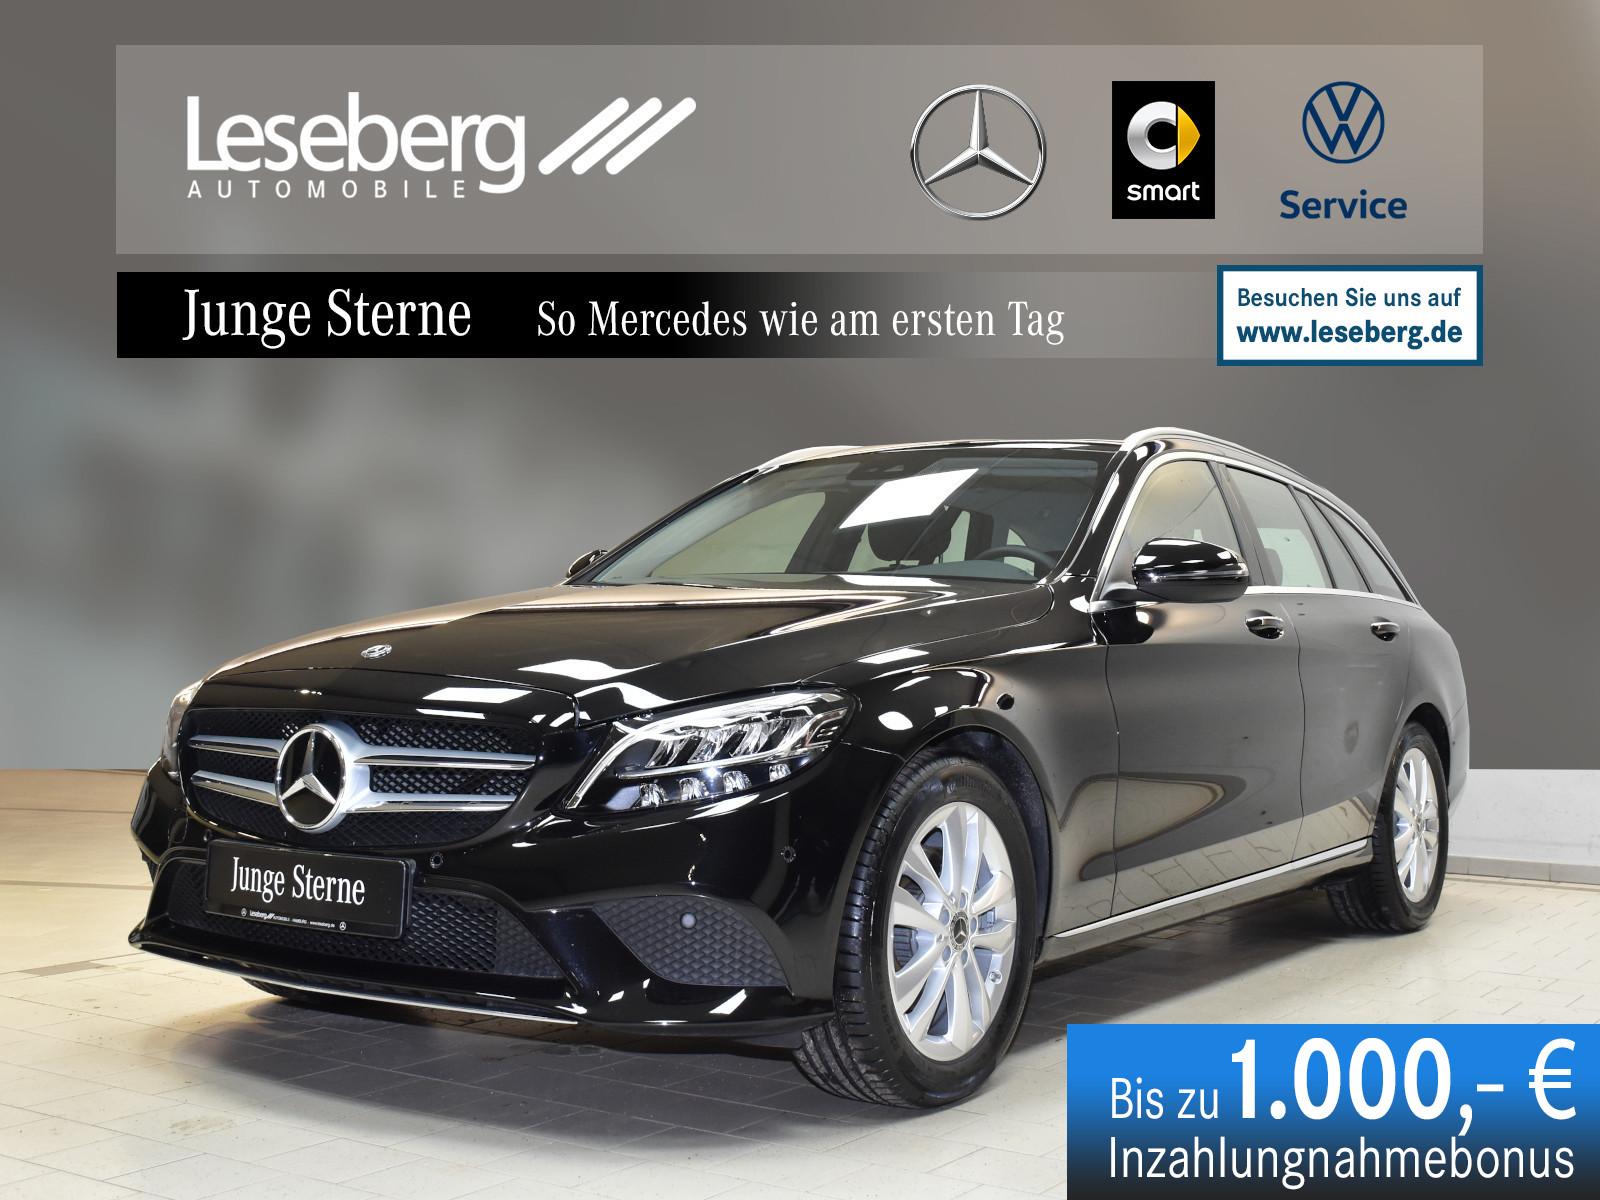 Mercedes-Benz C 200 d T Avantgarde/Kamera/Memory/Navi/Keyless, Jahr 2019, Diesel